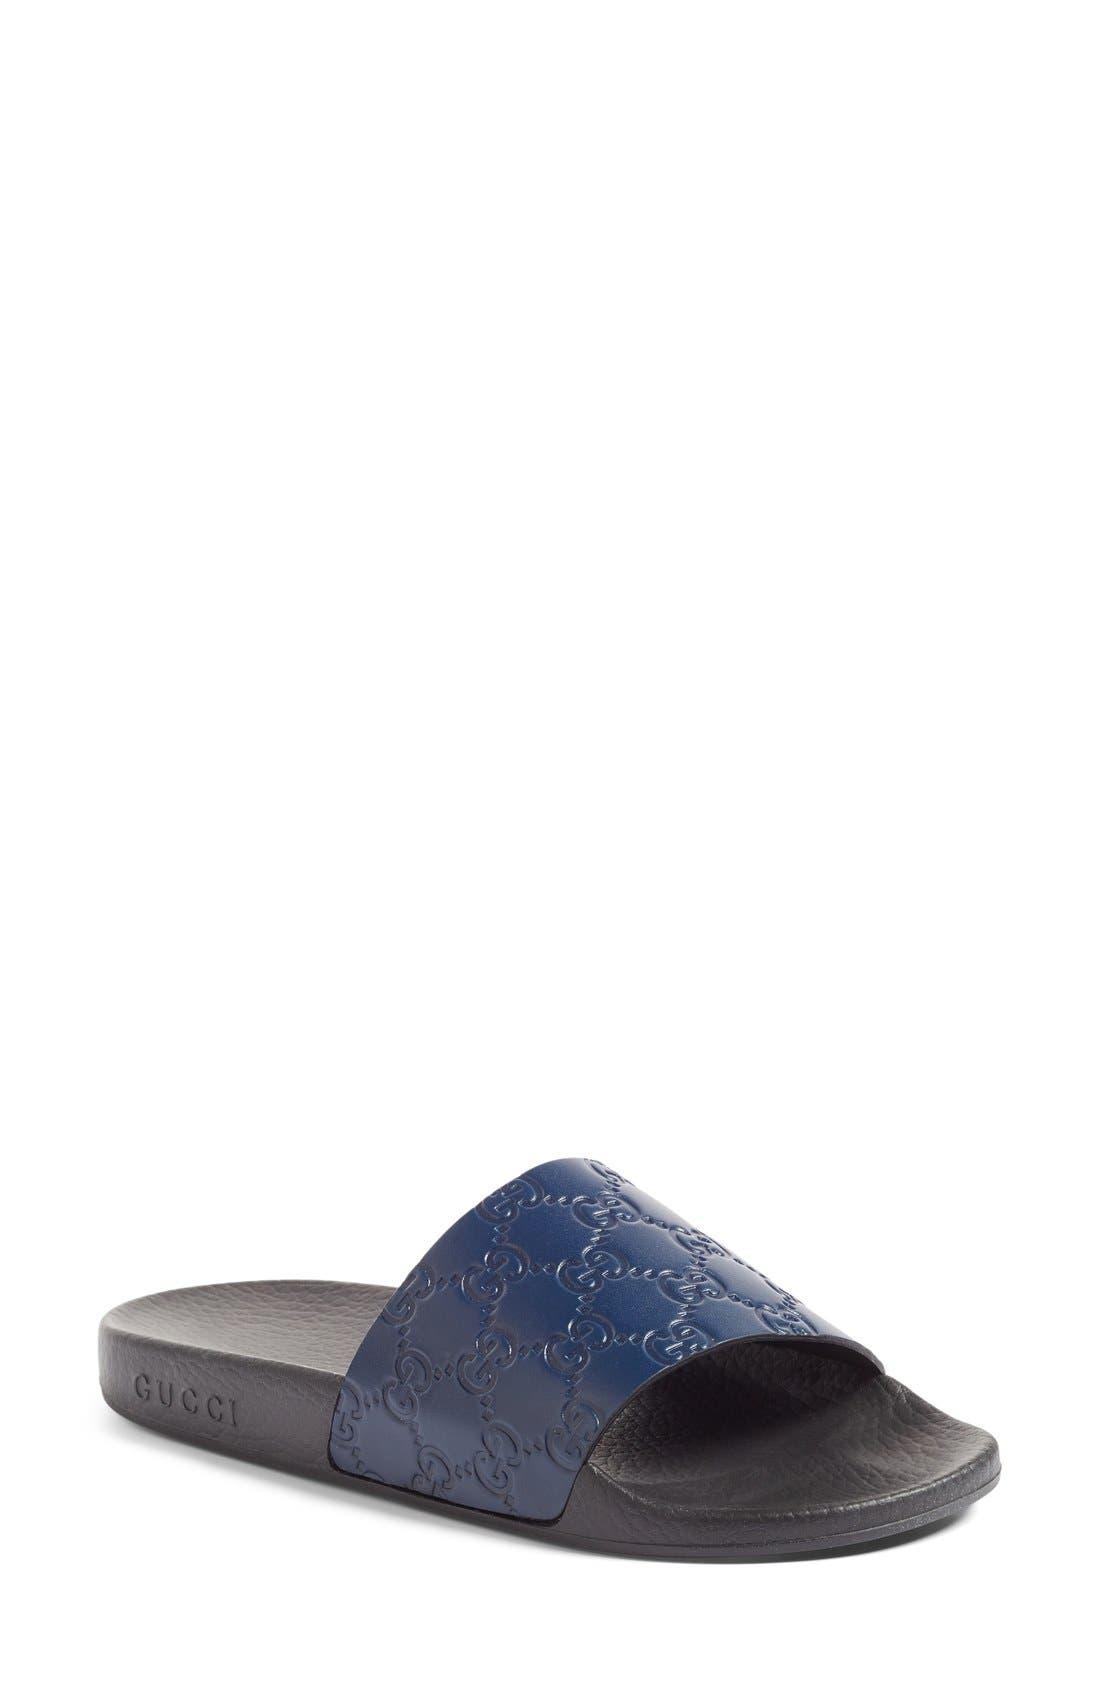 Main Image - Gucci Pursuit Logo Slide Sandal (Women)